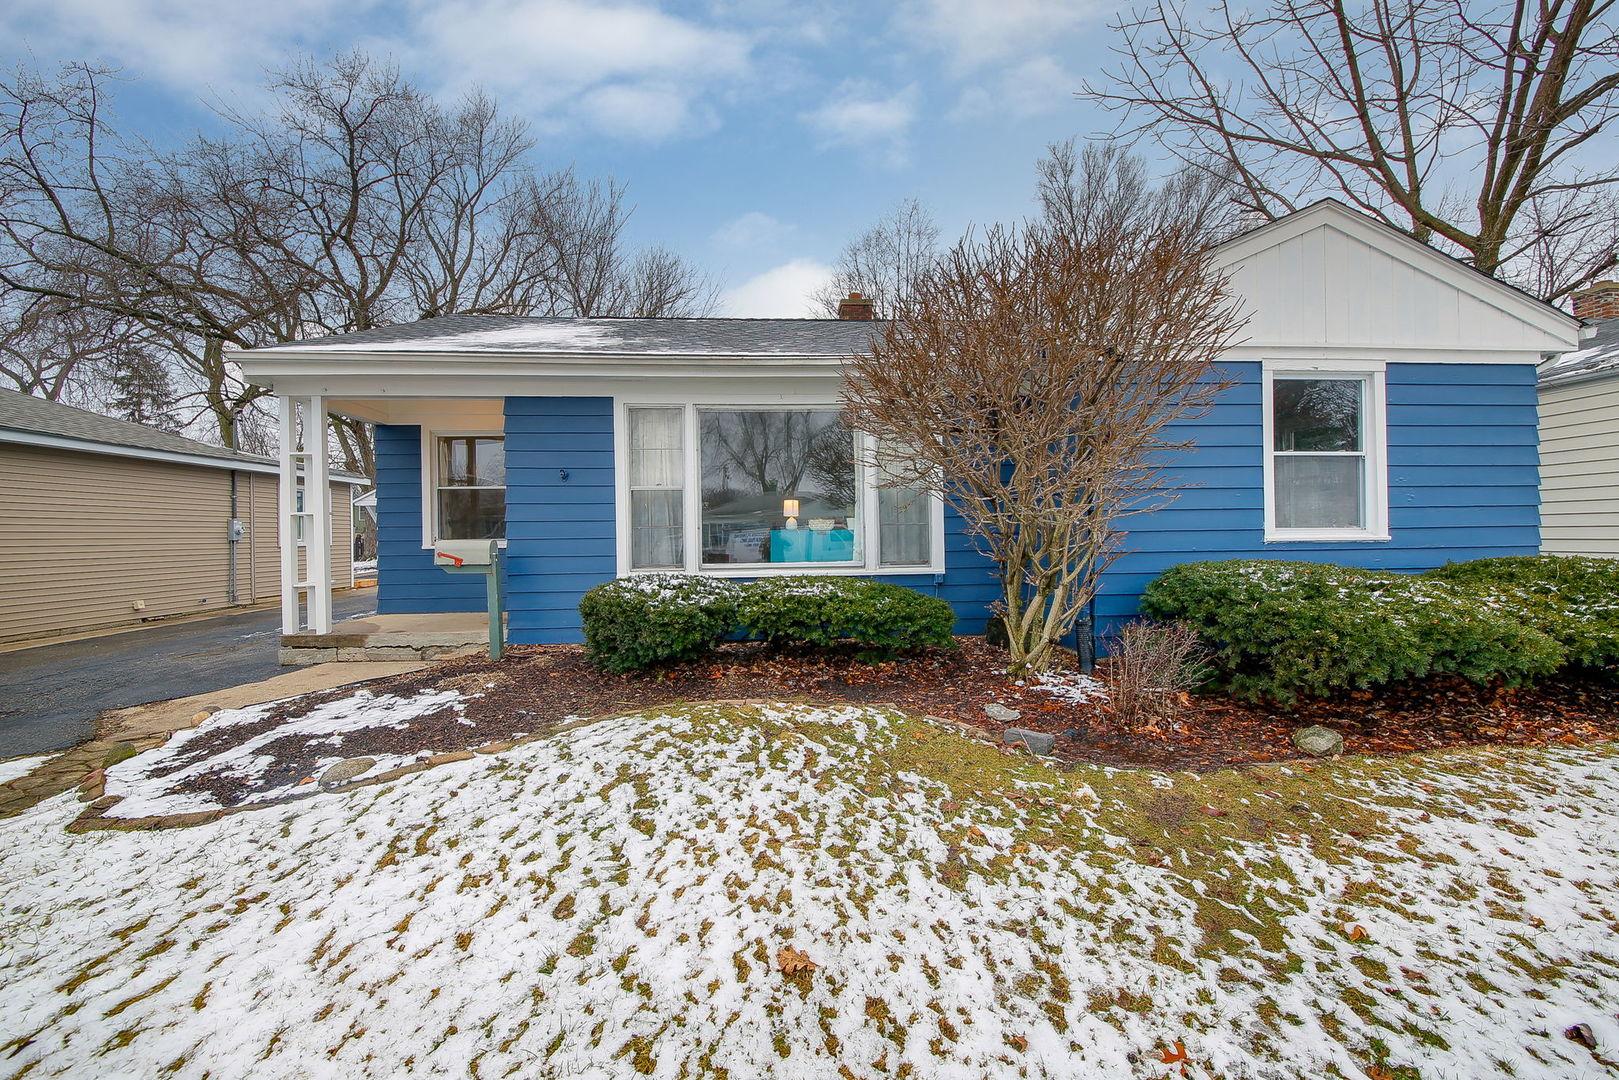 320 Schubert ,Palatine, Illinois 60067